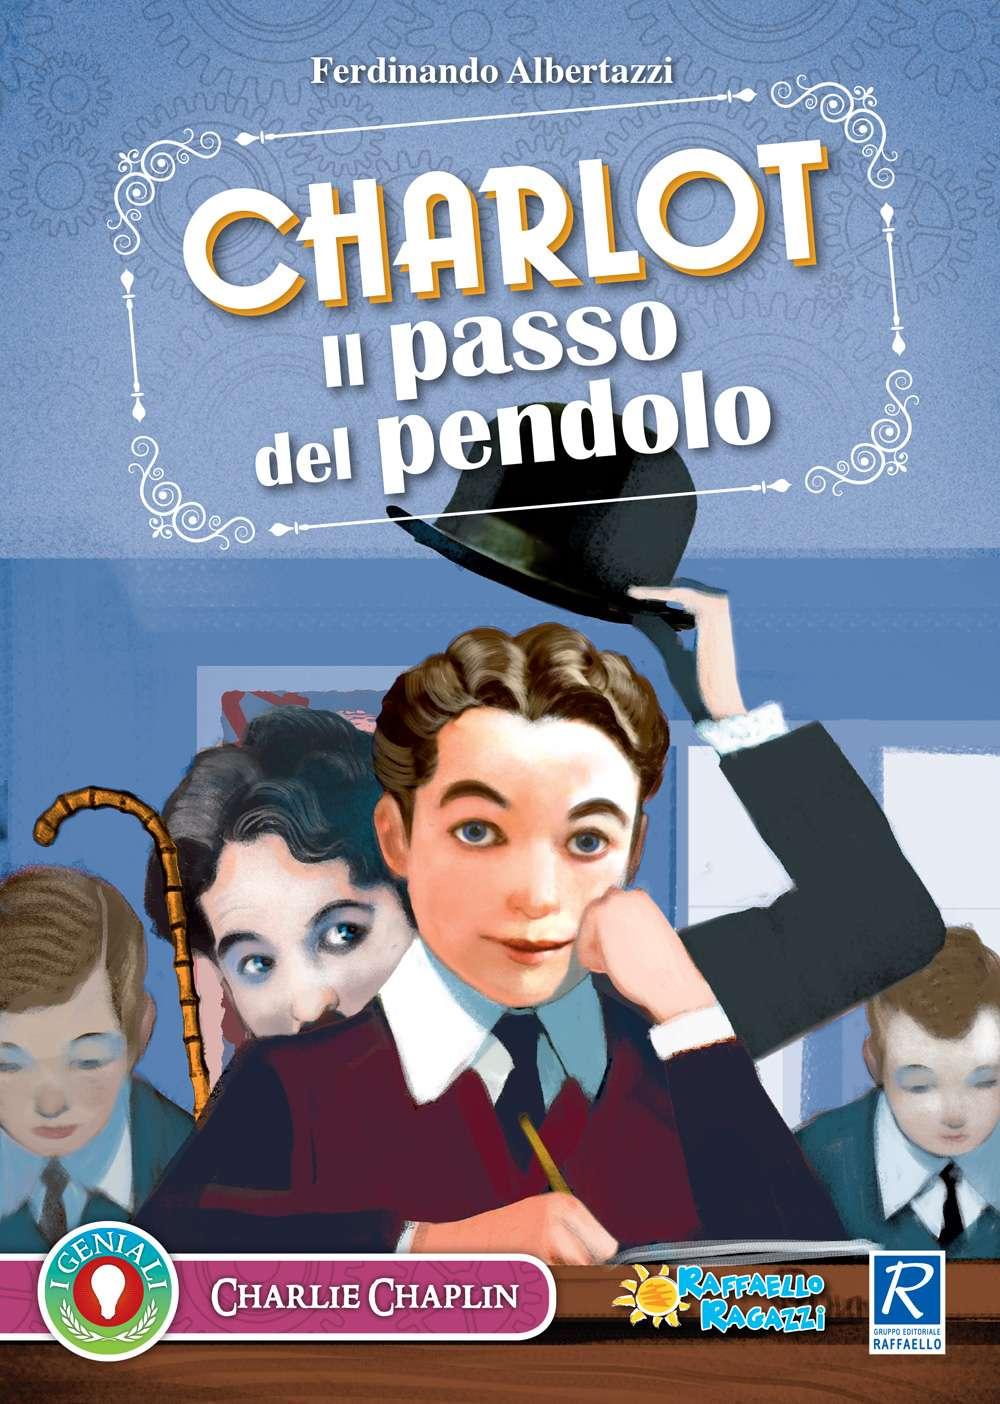 Charlot - Il passo del pendolo